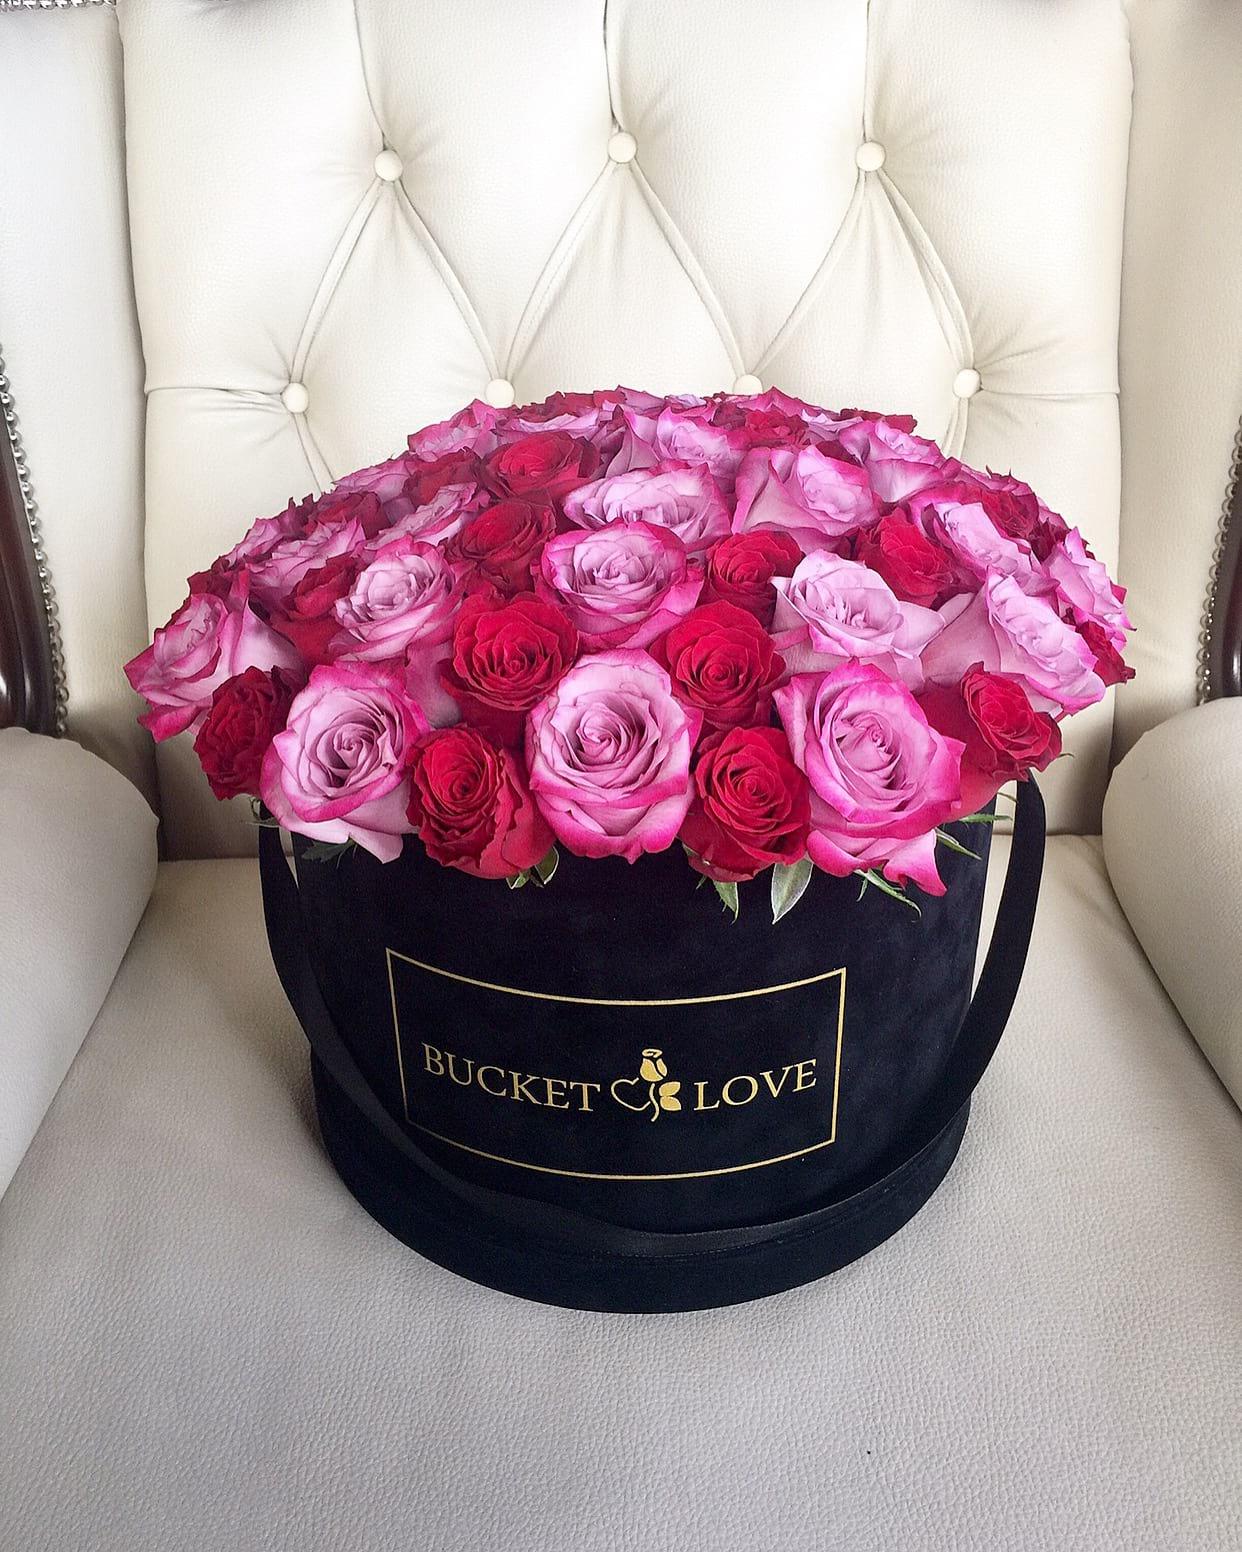 The million bucket of love mightylinksfo